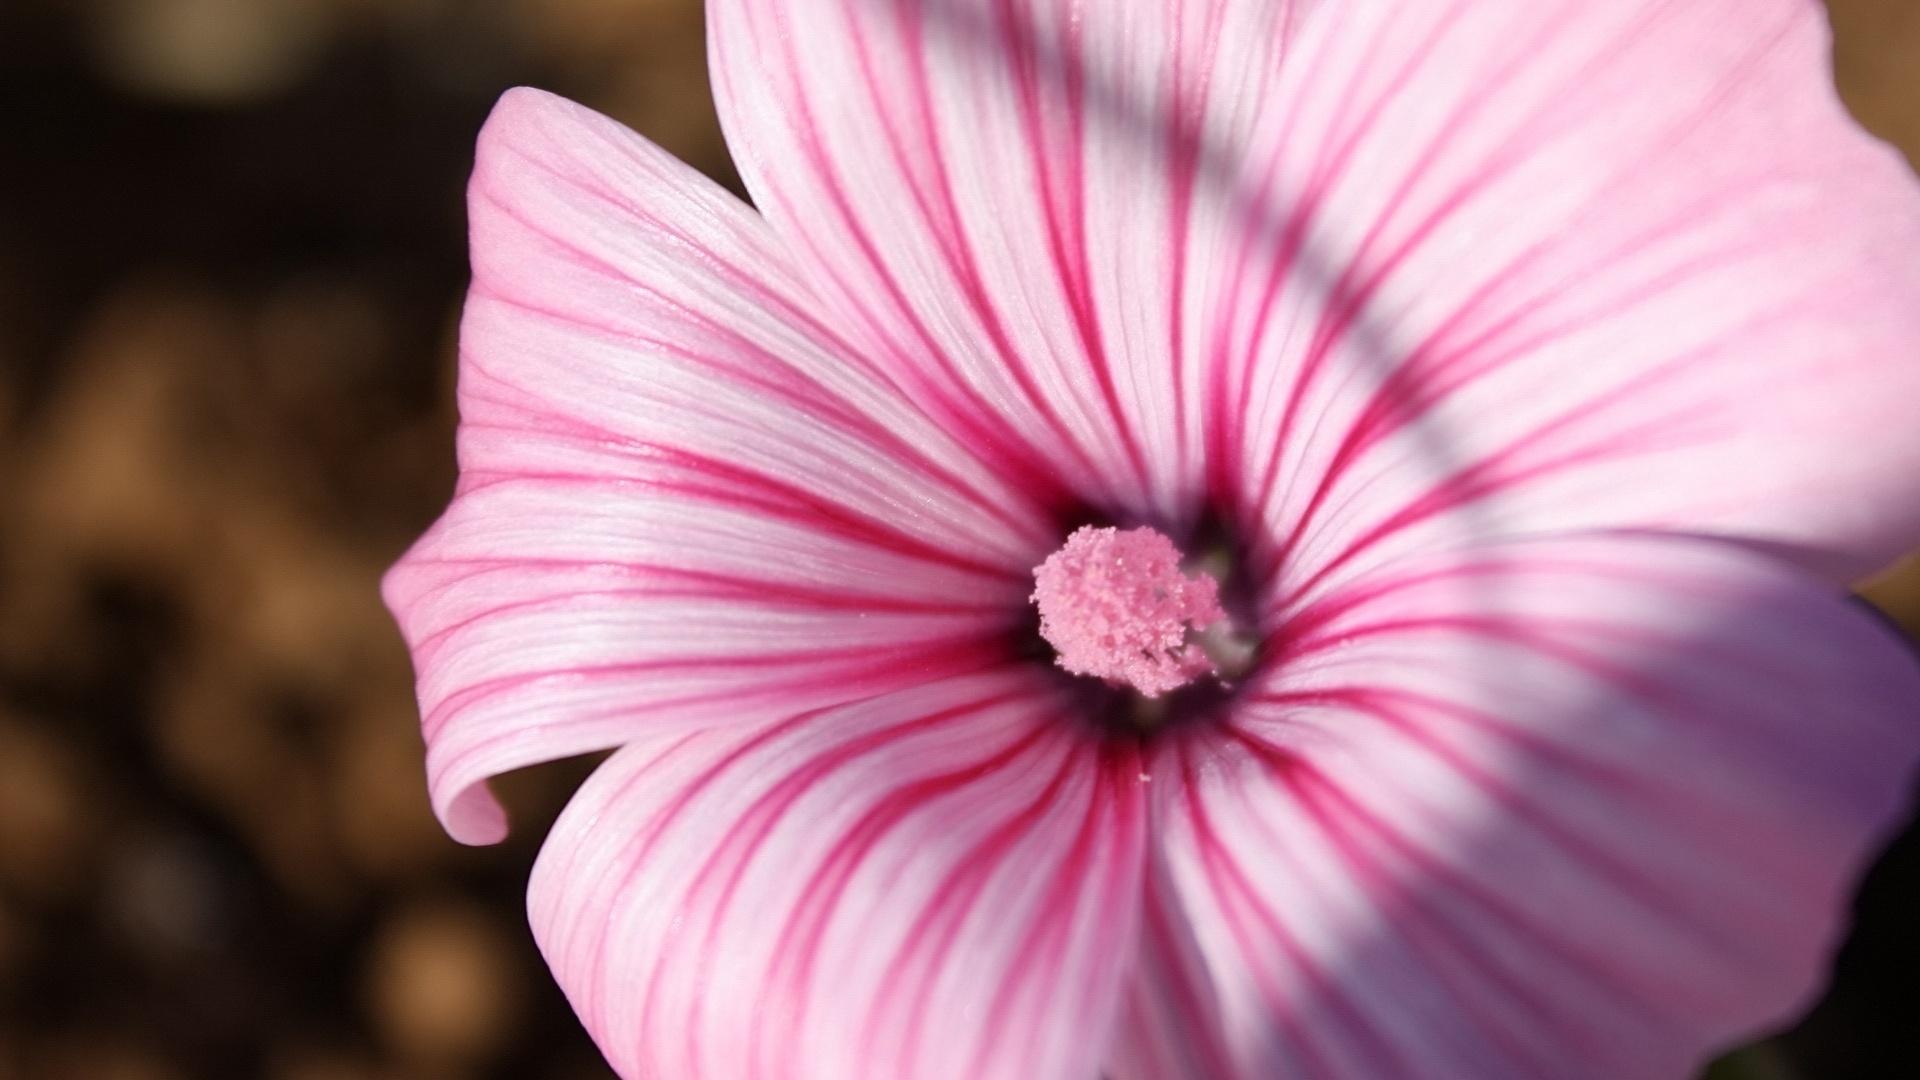 очаровательный цветок, белые полосочки, разовый пестик, цветы, макро